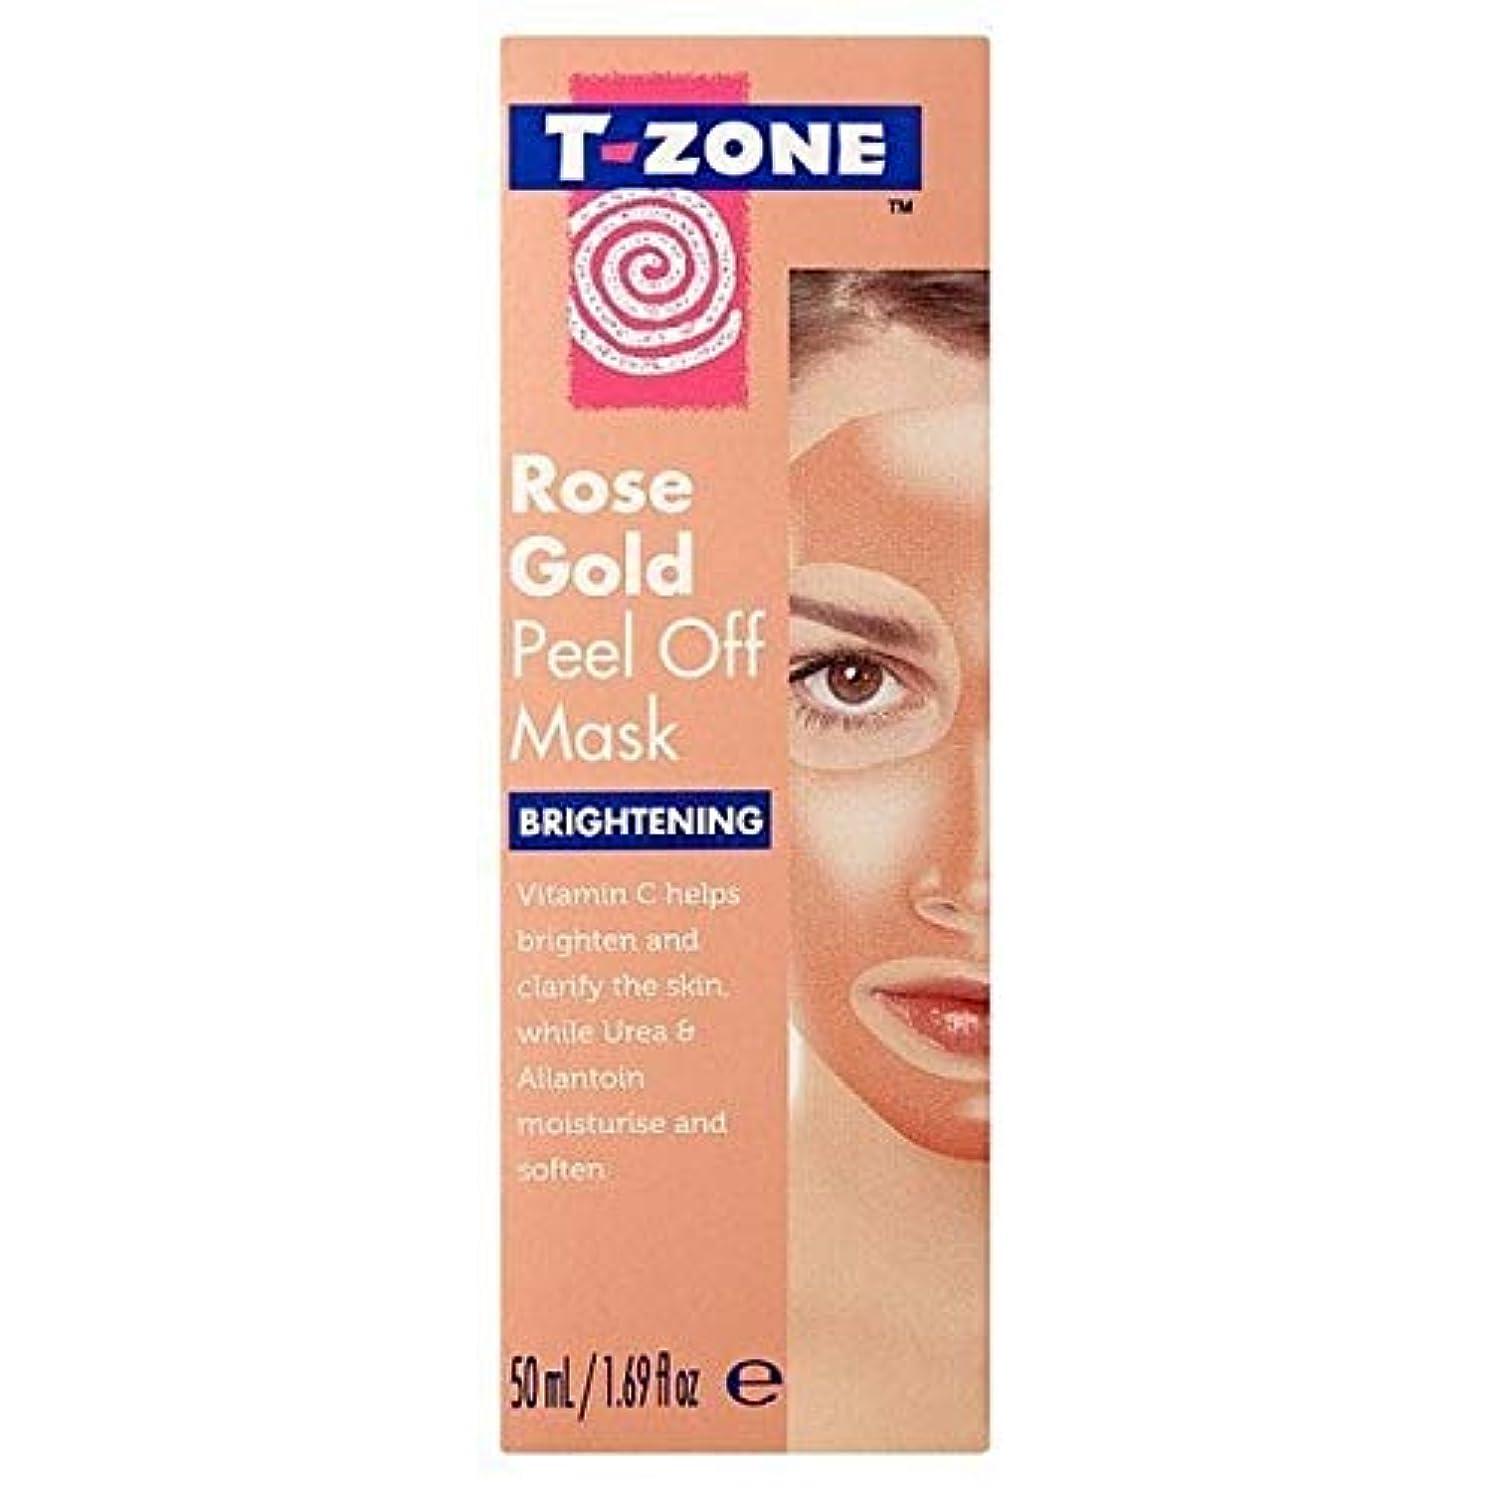 実用的スリル依存[T-Zone] Tゾーンは、金マスク50ミリリットルを明るくはがしバラ - T-Zone Rose Gold Peel Off Brightening Mask 50ml [並行輸入品]